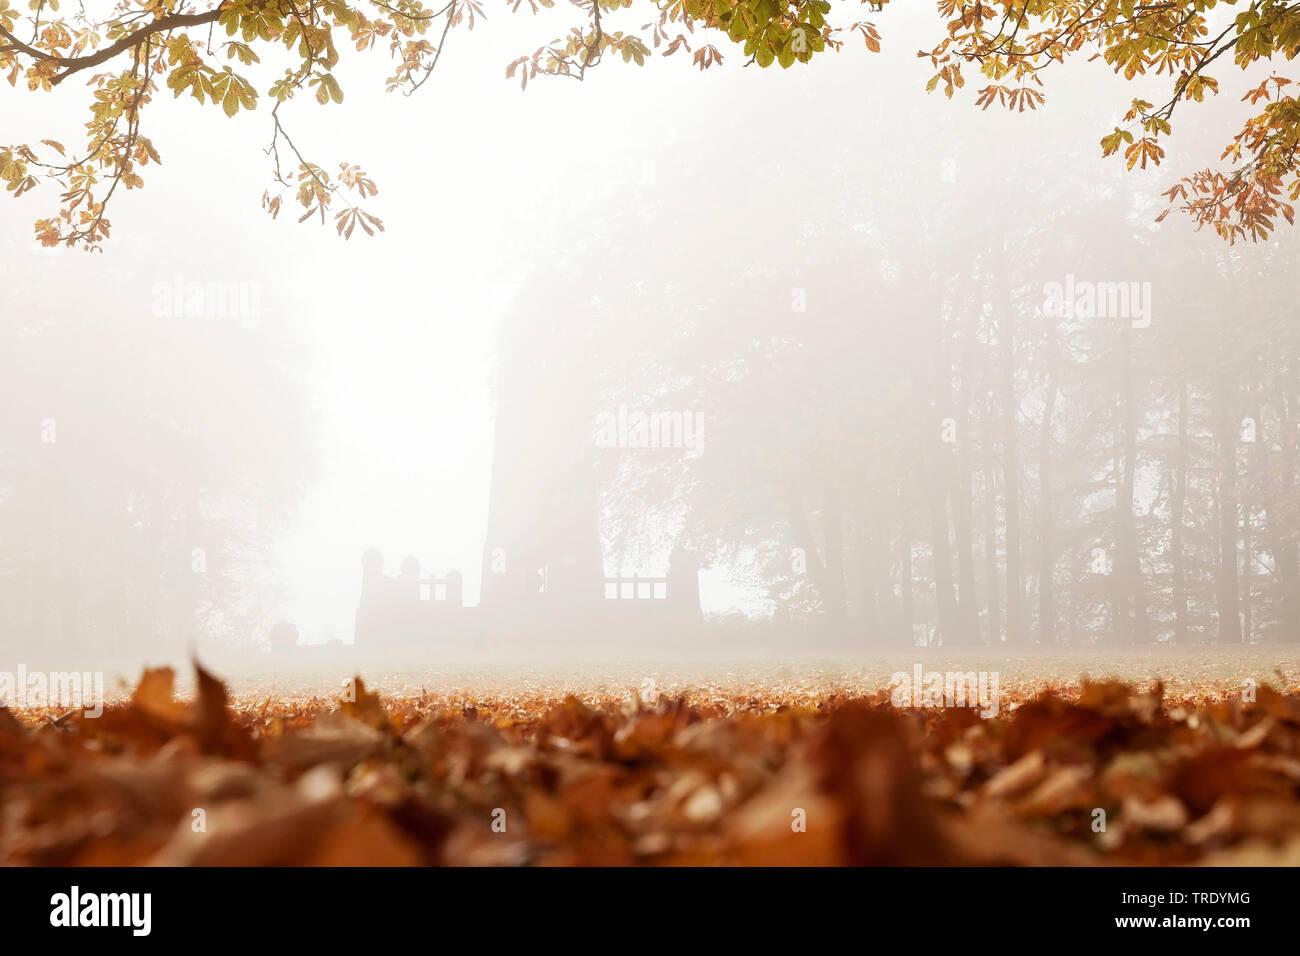 Berger-Denkmal am Hohenstein im Herbstnebel, Deutschland, Nordrhein-Westfalen, Ruhrgebiet, Witten | Berger monument at the Hohenstein in autumn fog, G - Stock Image